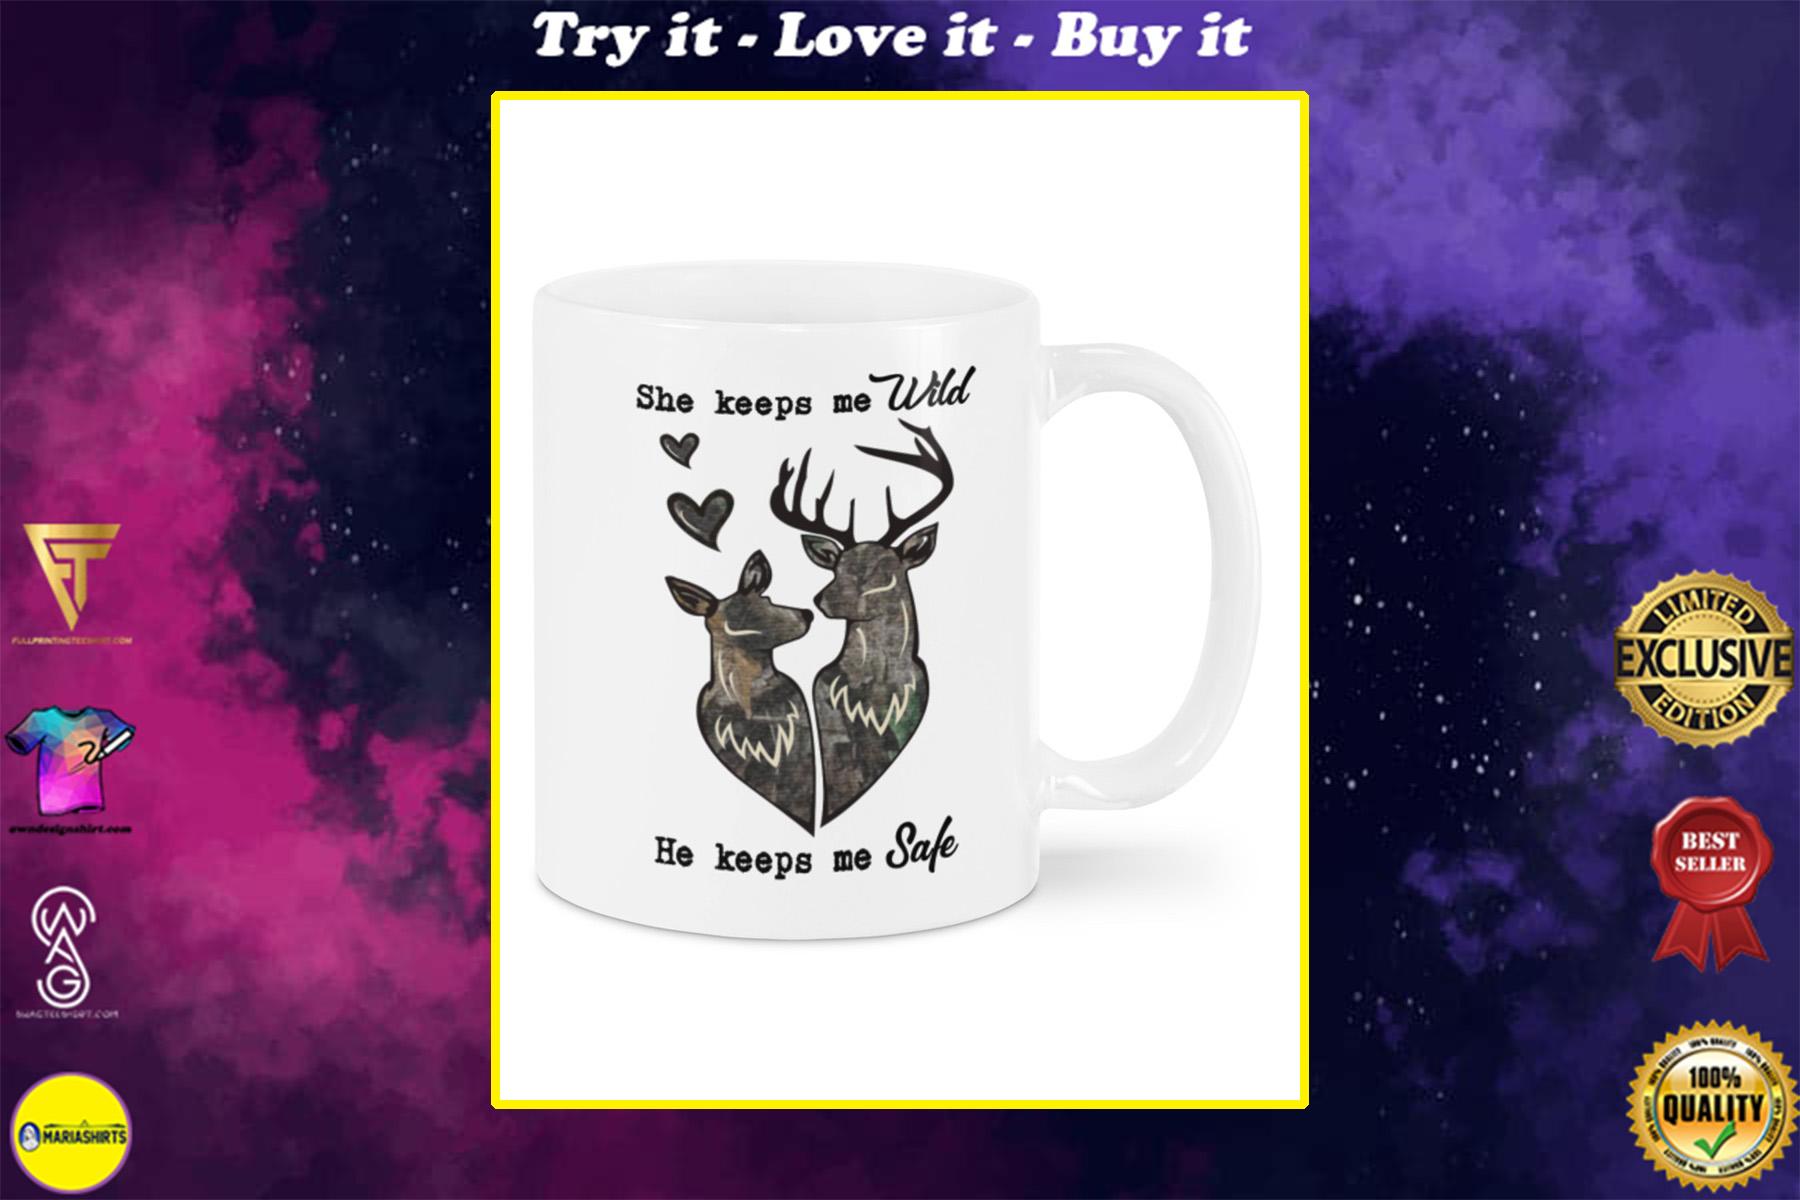 she keeps me wild he keeps me safe happy valentine's day mug